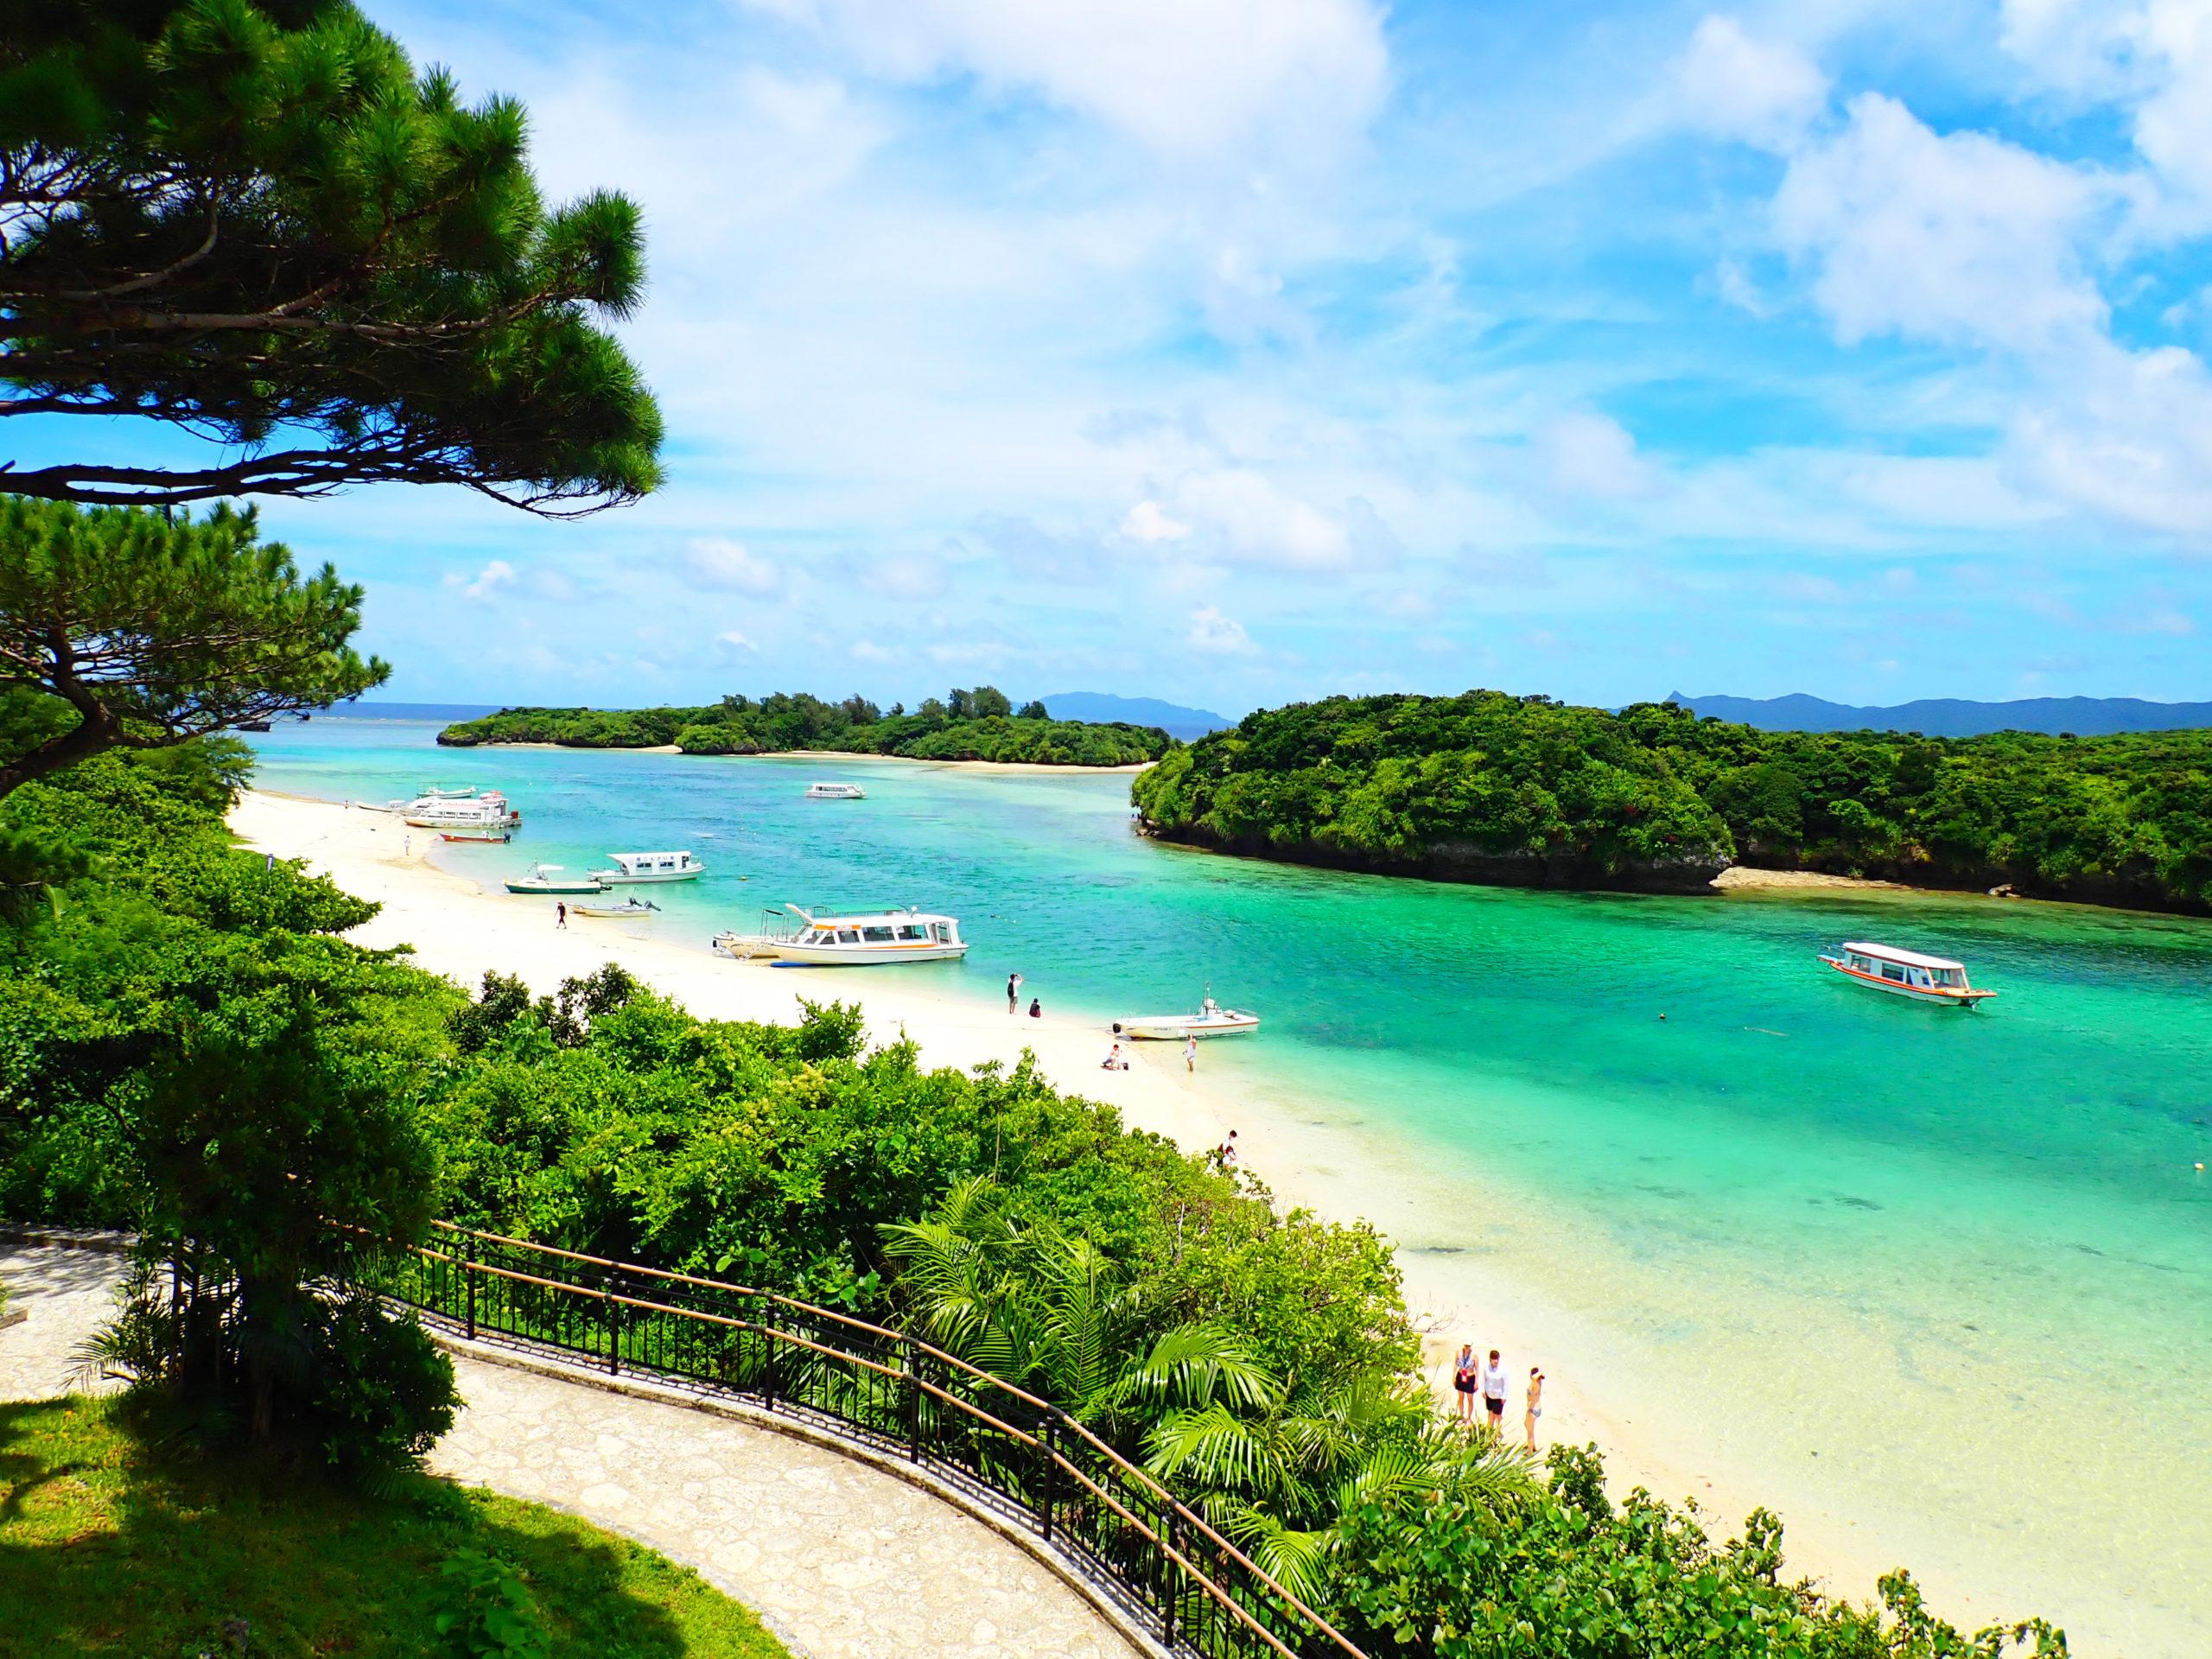 石垣島観光、川平湾、エメラルドグリーンの海